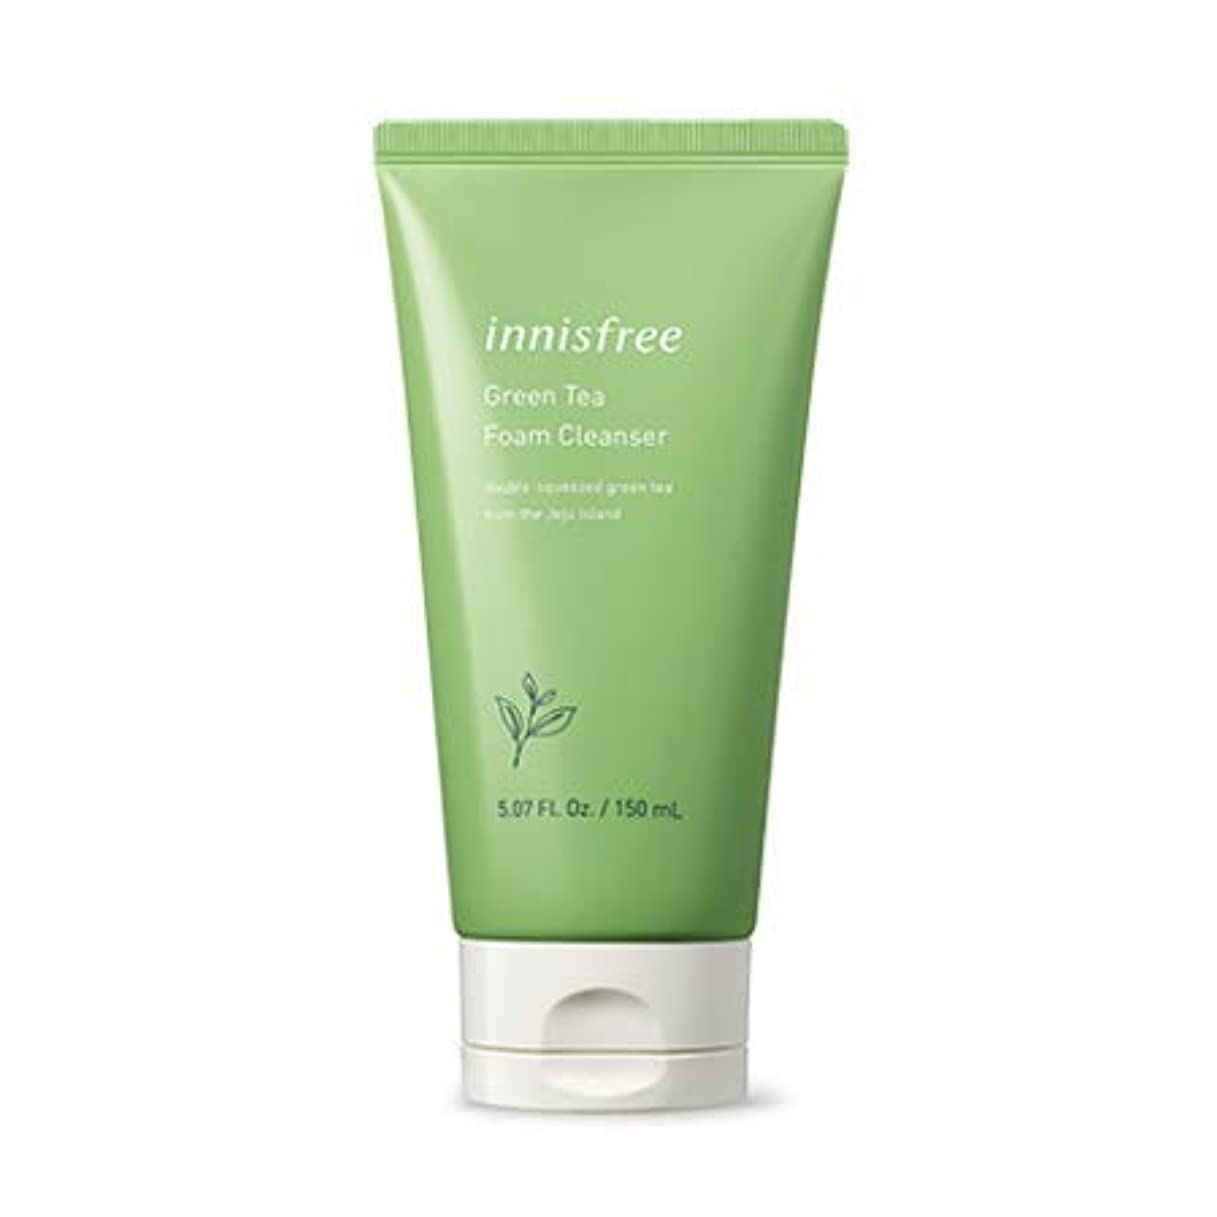 バーチャルスーパー酸化物Innisfree グリーンティーフォームクレンザー/Green Tea Foam Cleanser 150ml [並行輸入品]